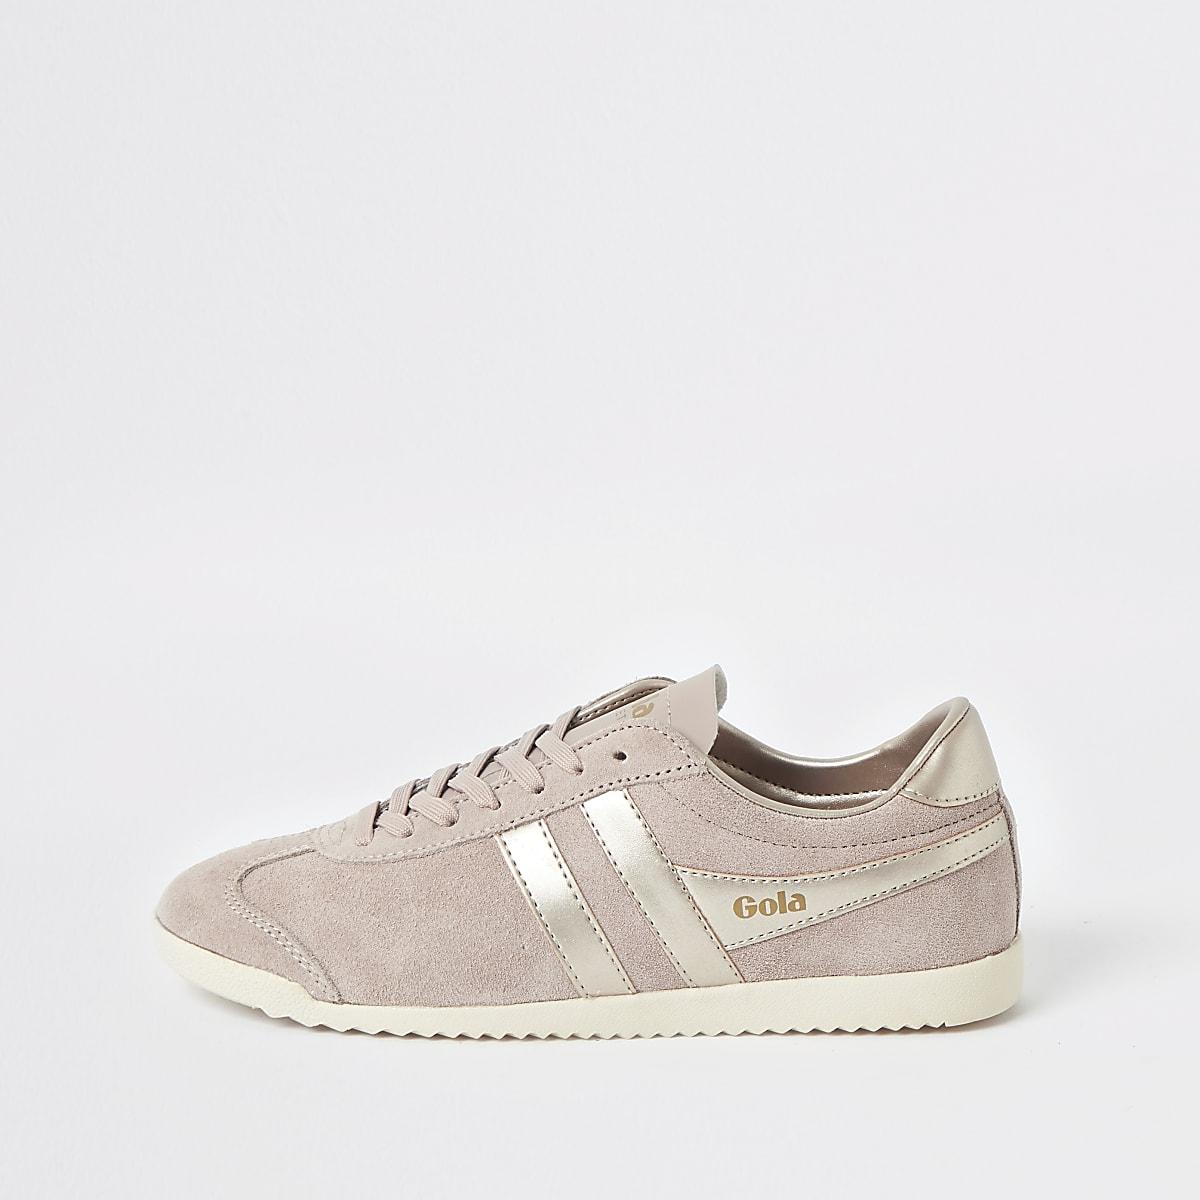 Gola Classics pink Bullet Pearl sneakers